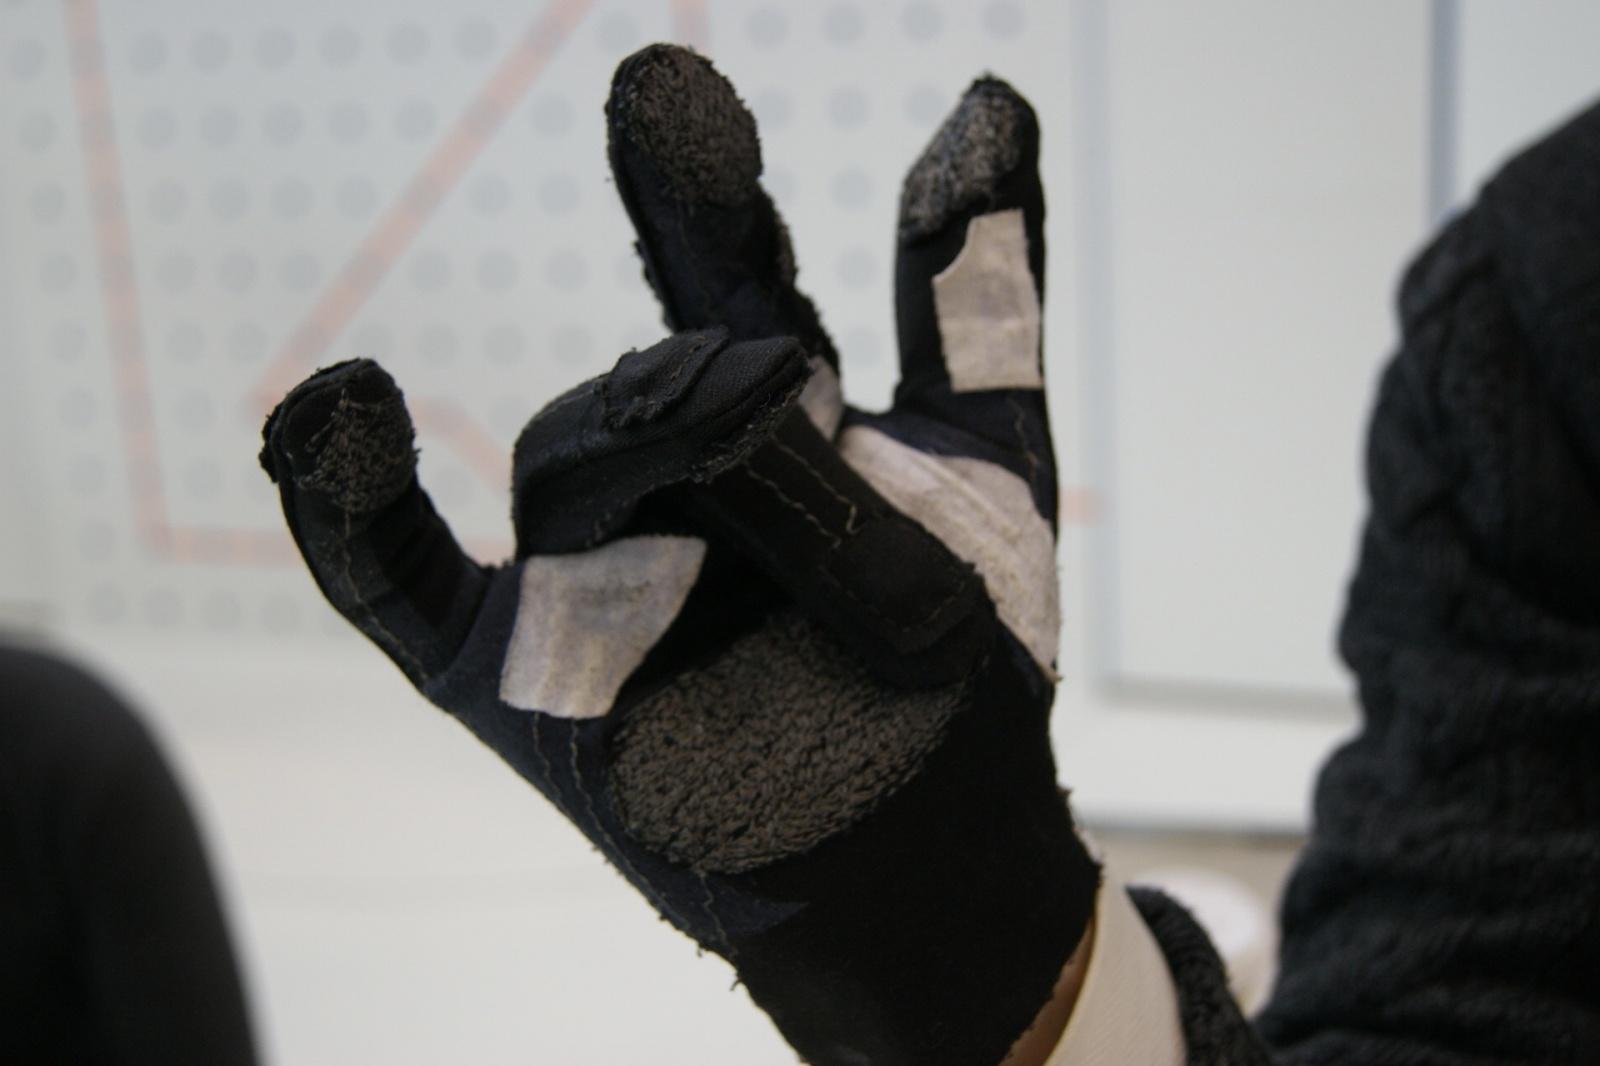 Как слепоглухие могут общаться в мессенджерах? Перчатка и рукав Брайля - 3